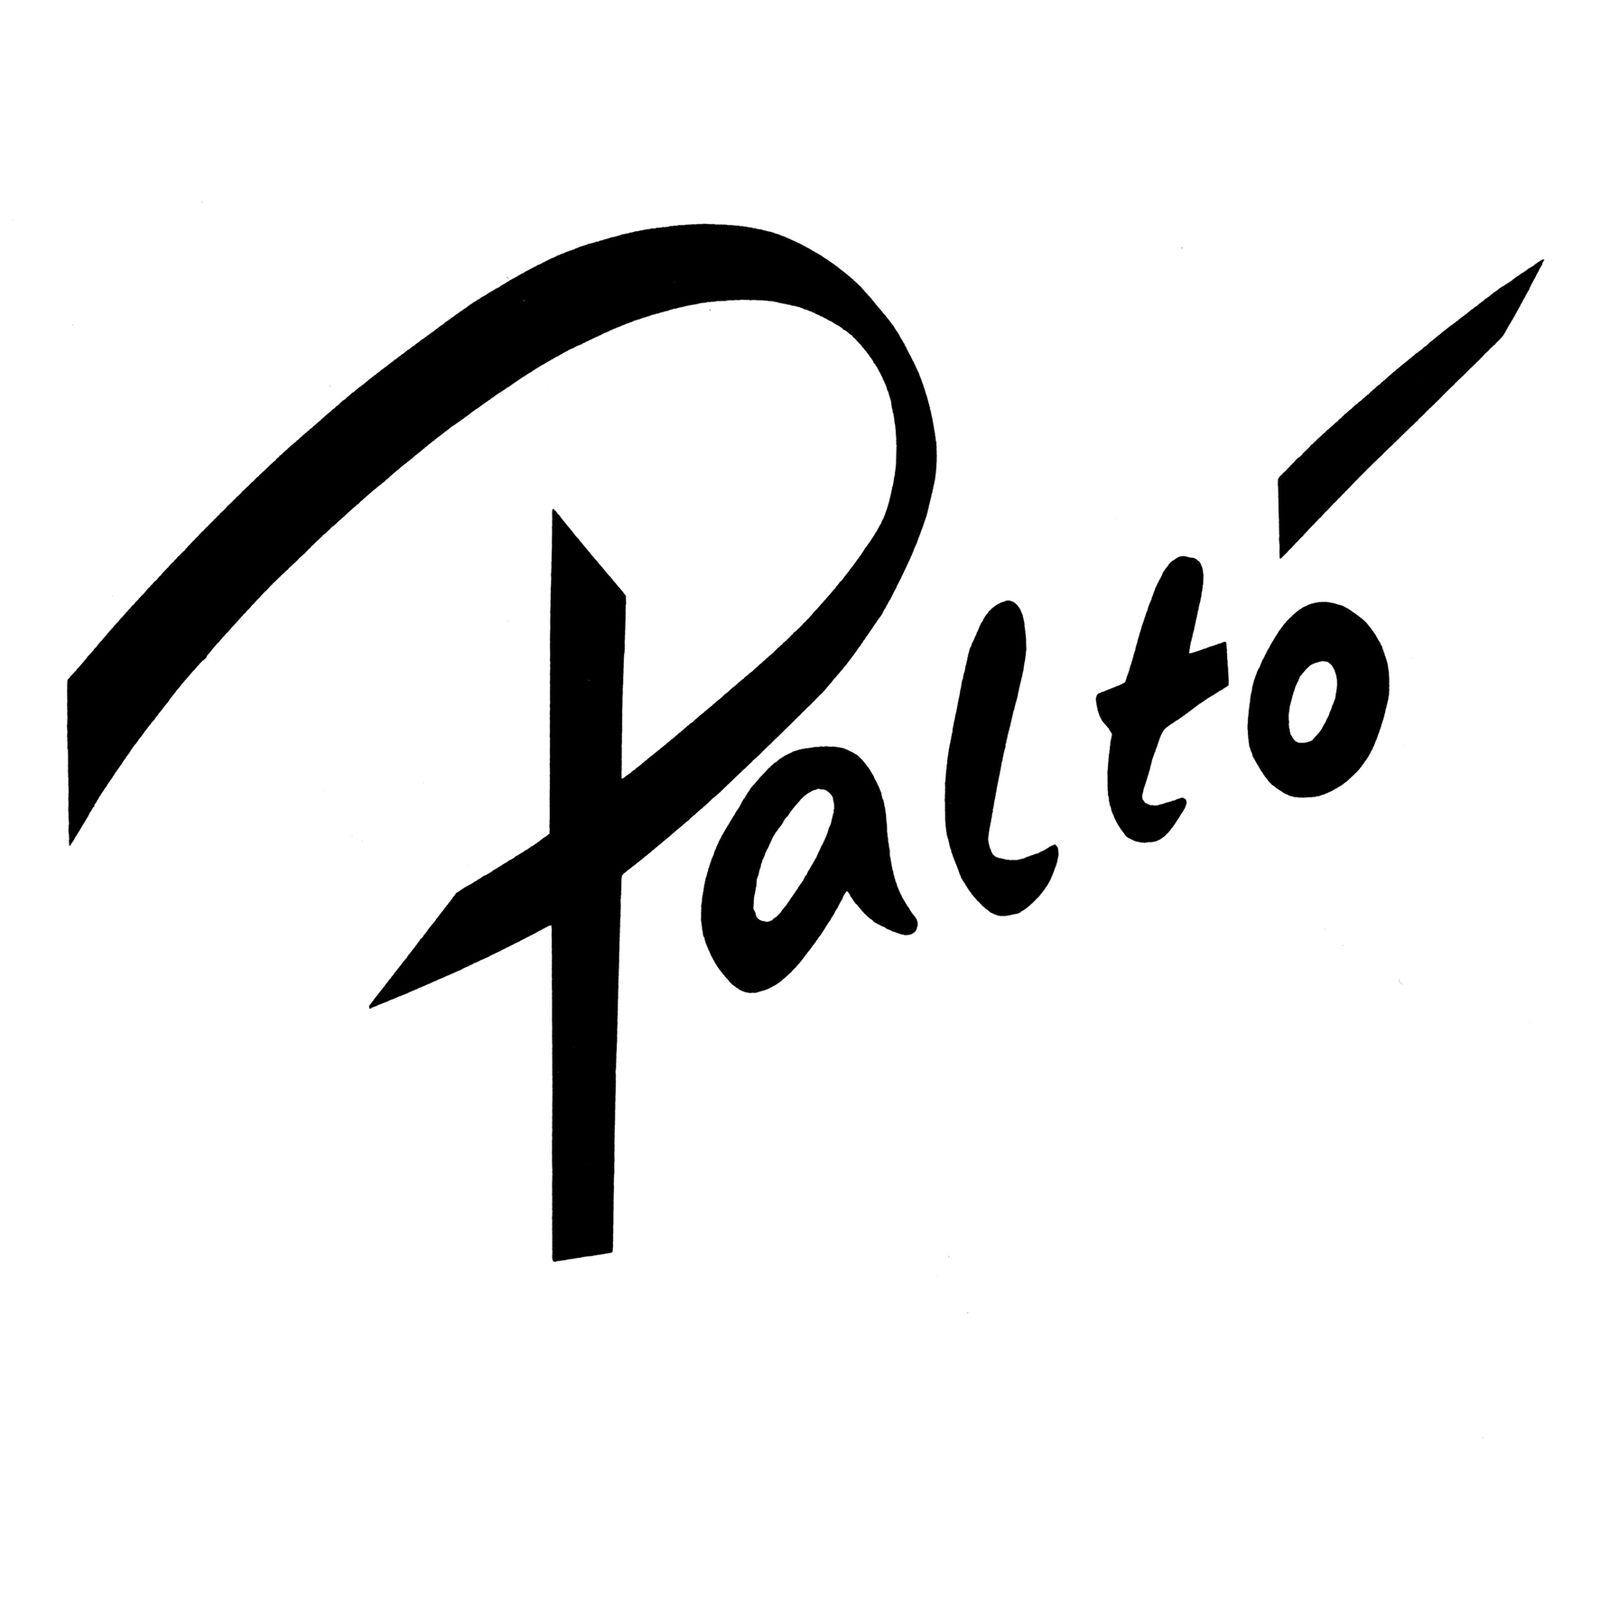 Paltó